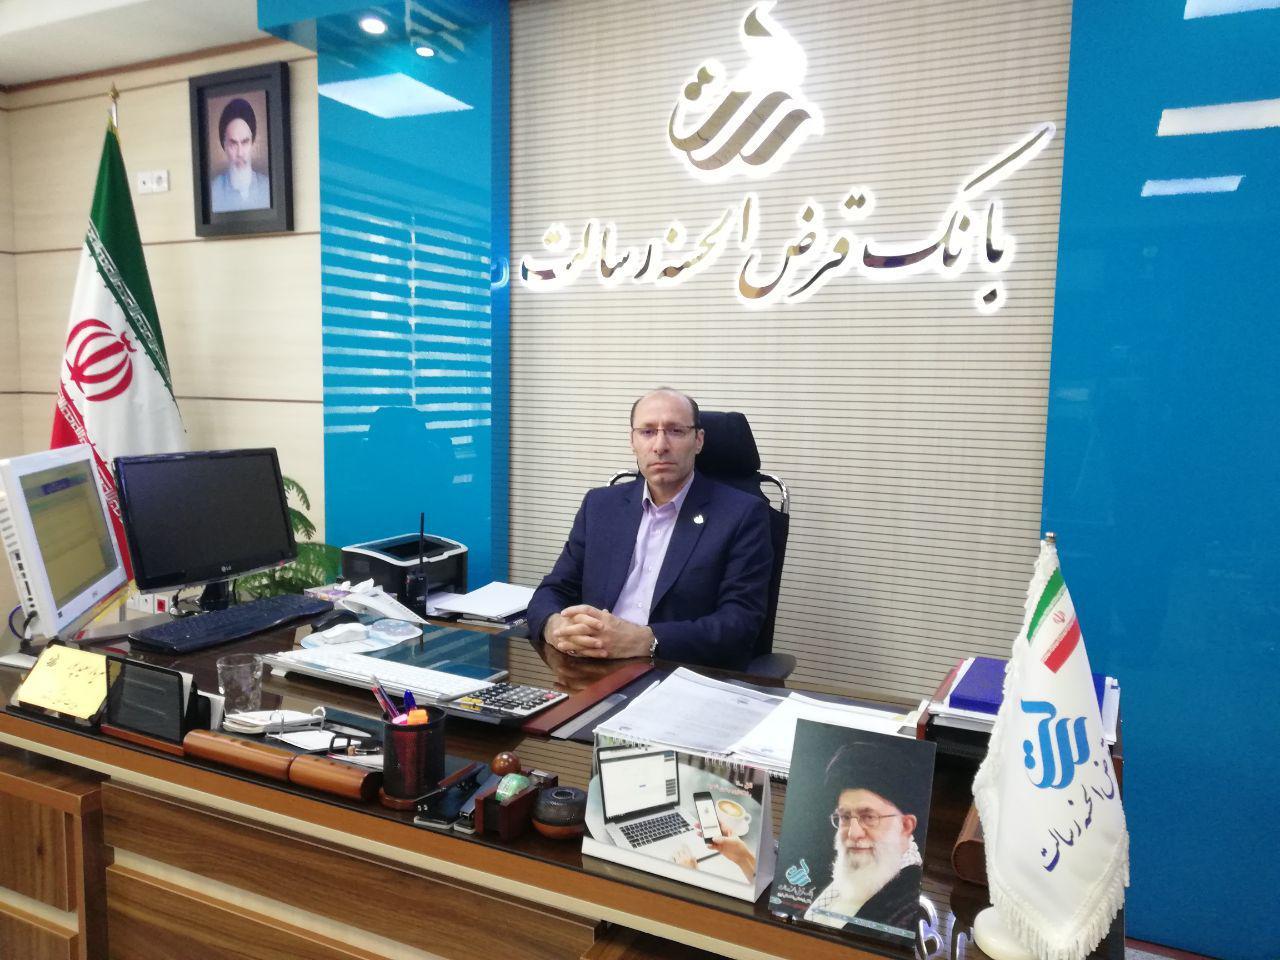 پیام تبریک مدیر کل بانک رسالت کرمانشاه به مناسبت دهه فجر